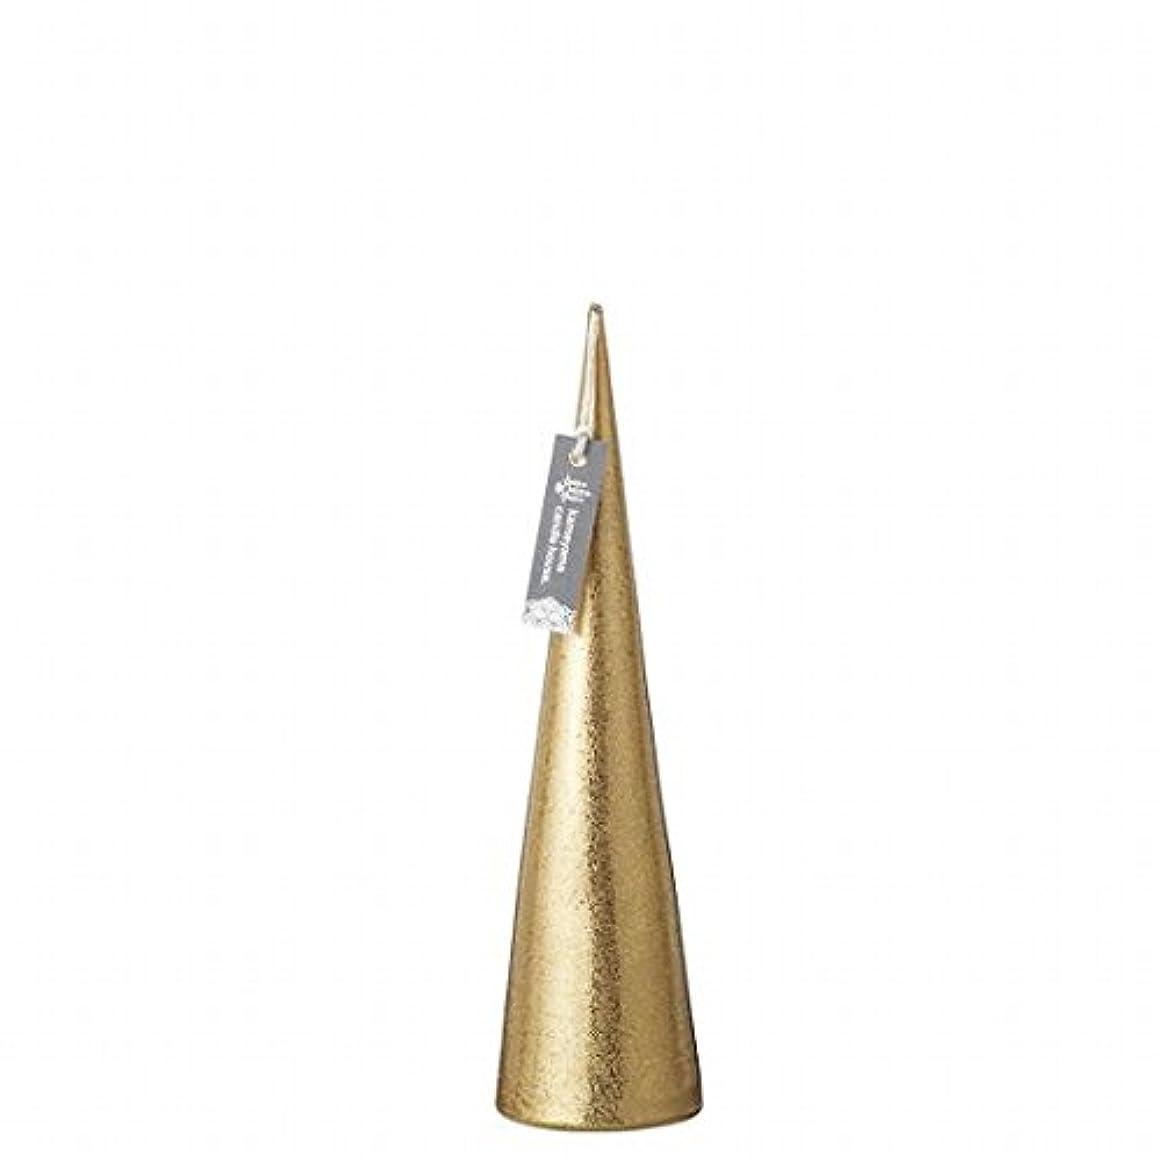 広げるシンプトン勇敢なカメヤマキャンドル(kameyama candle) メタリックコーンM「 ゴールド 」